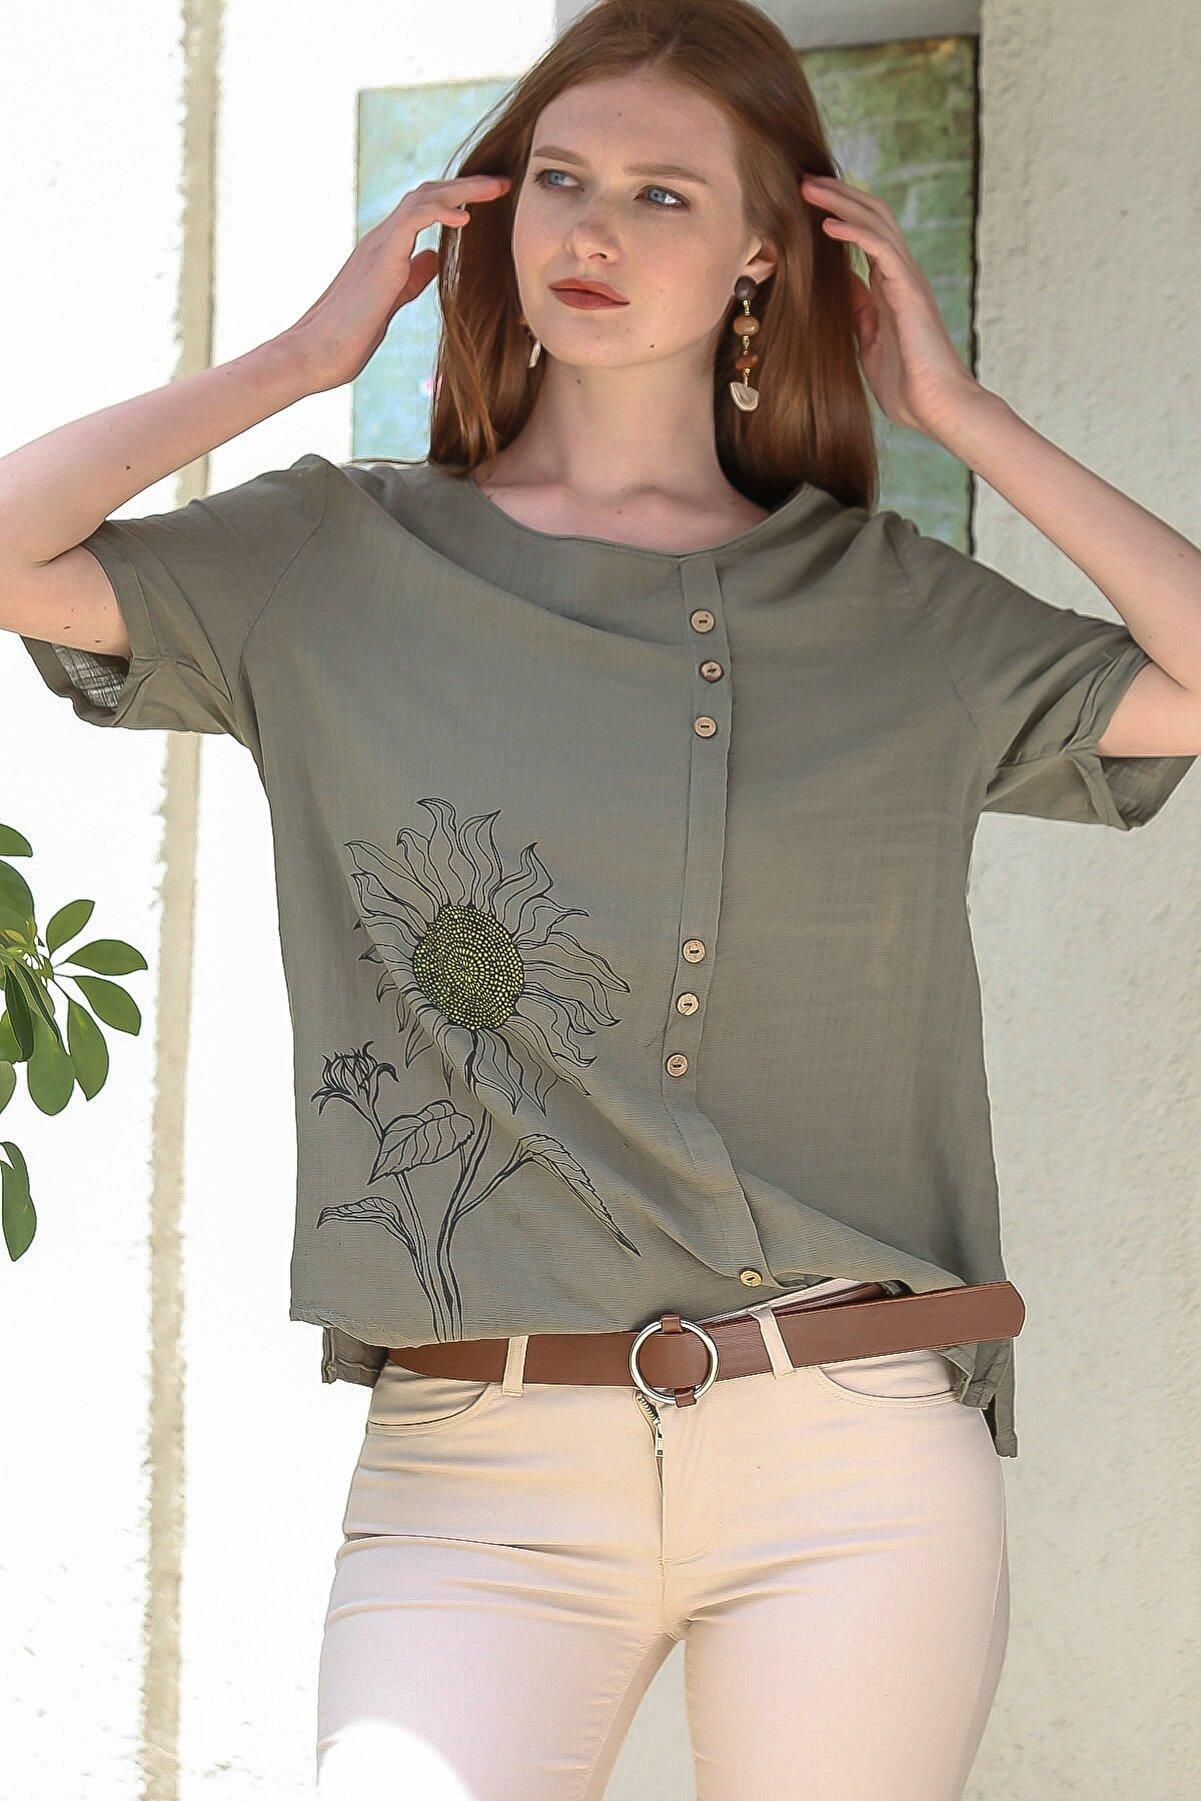 Chiccy Kadın Haki Sıfır Yaka Günebakan Çiçek Baskılı Süs Düğme Detaylı Dokuma Salaş Bluz C10010200BL95237